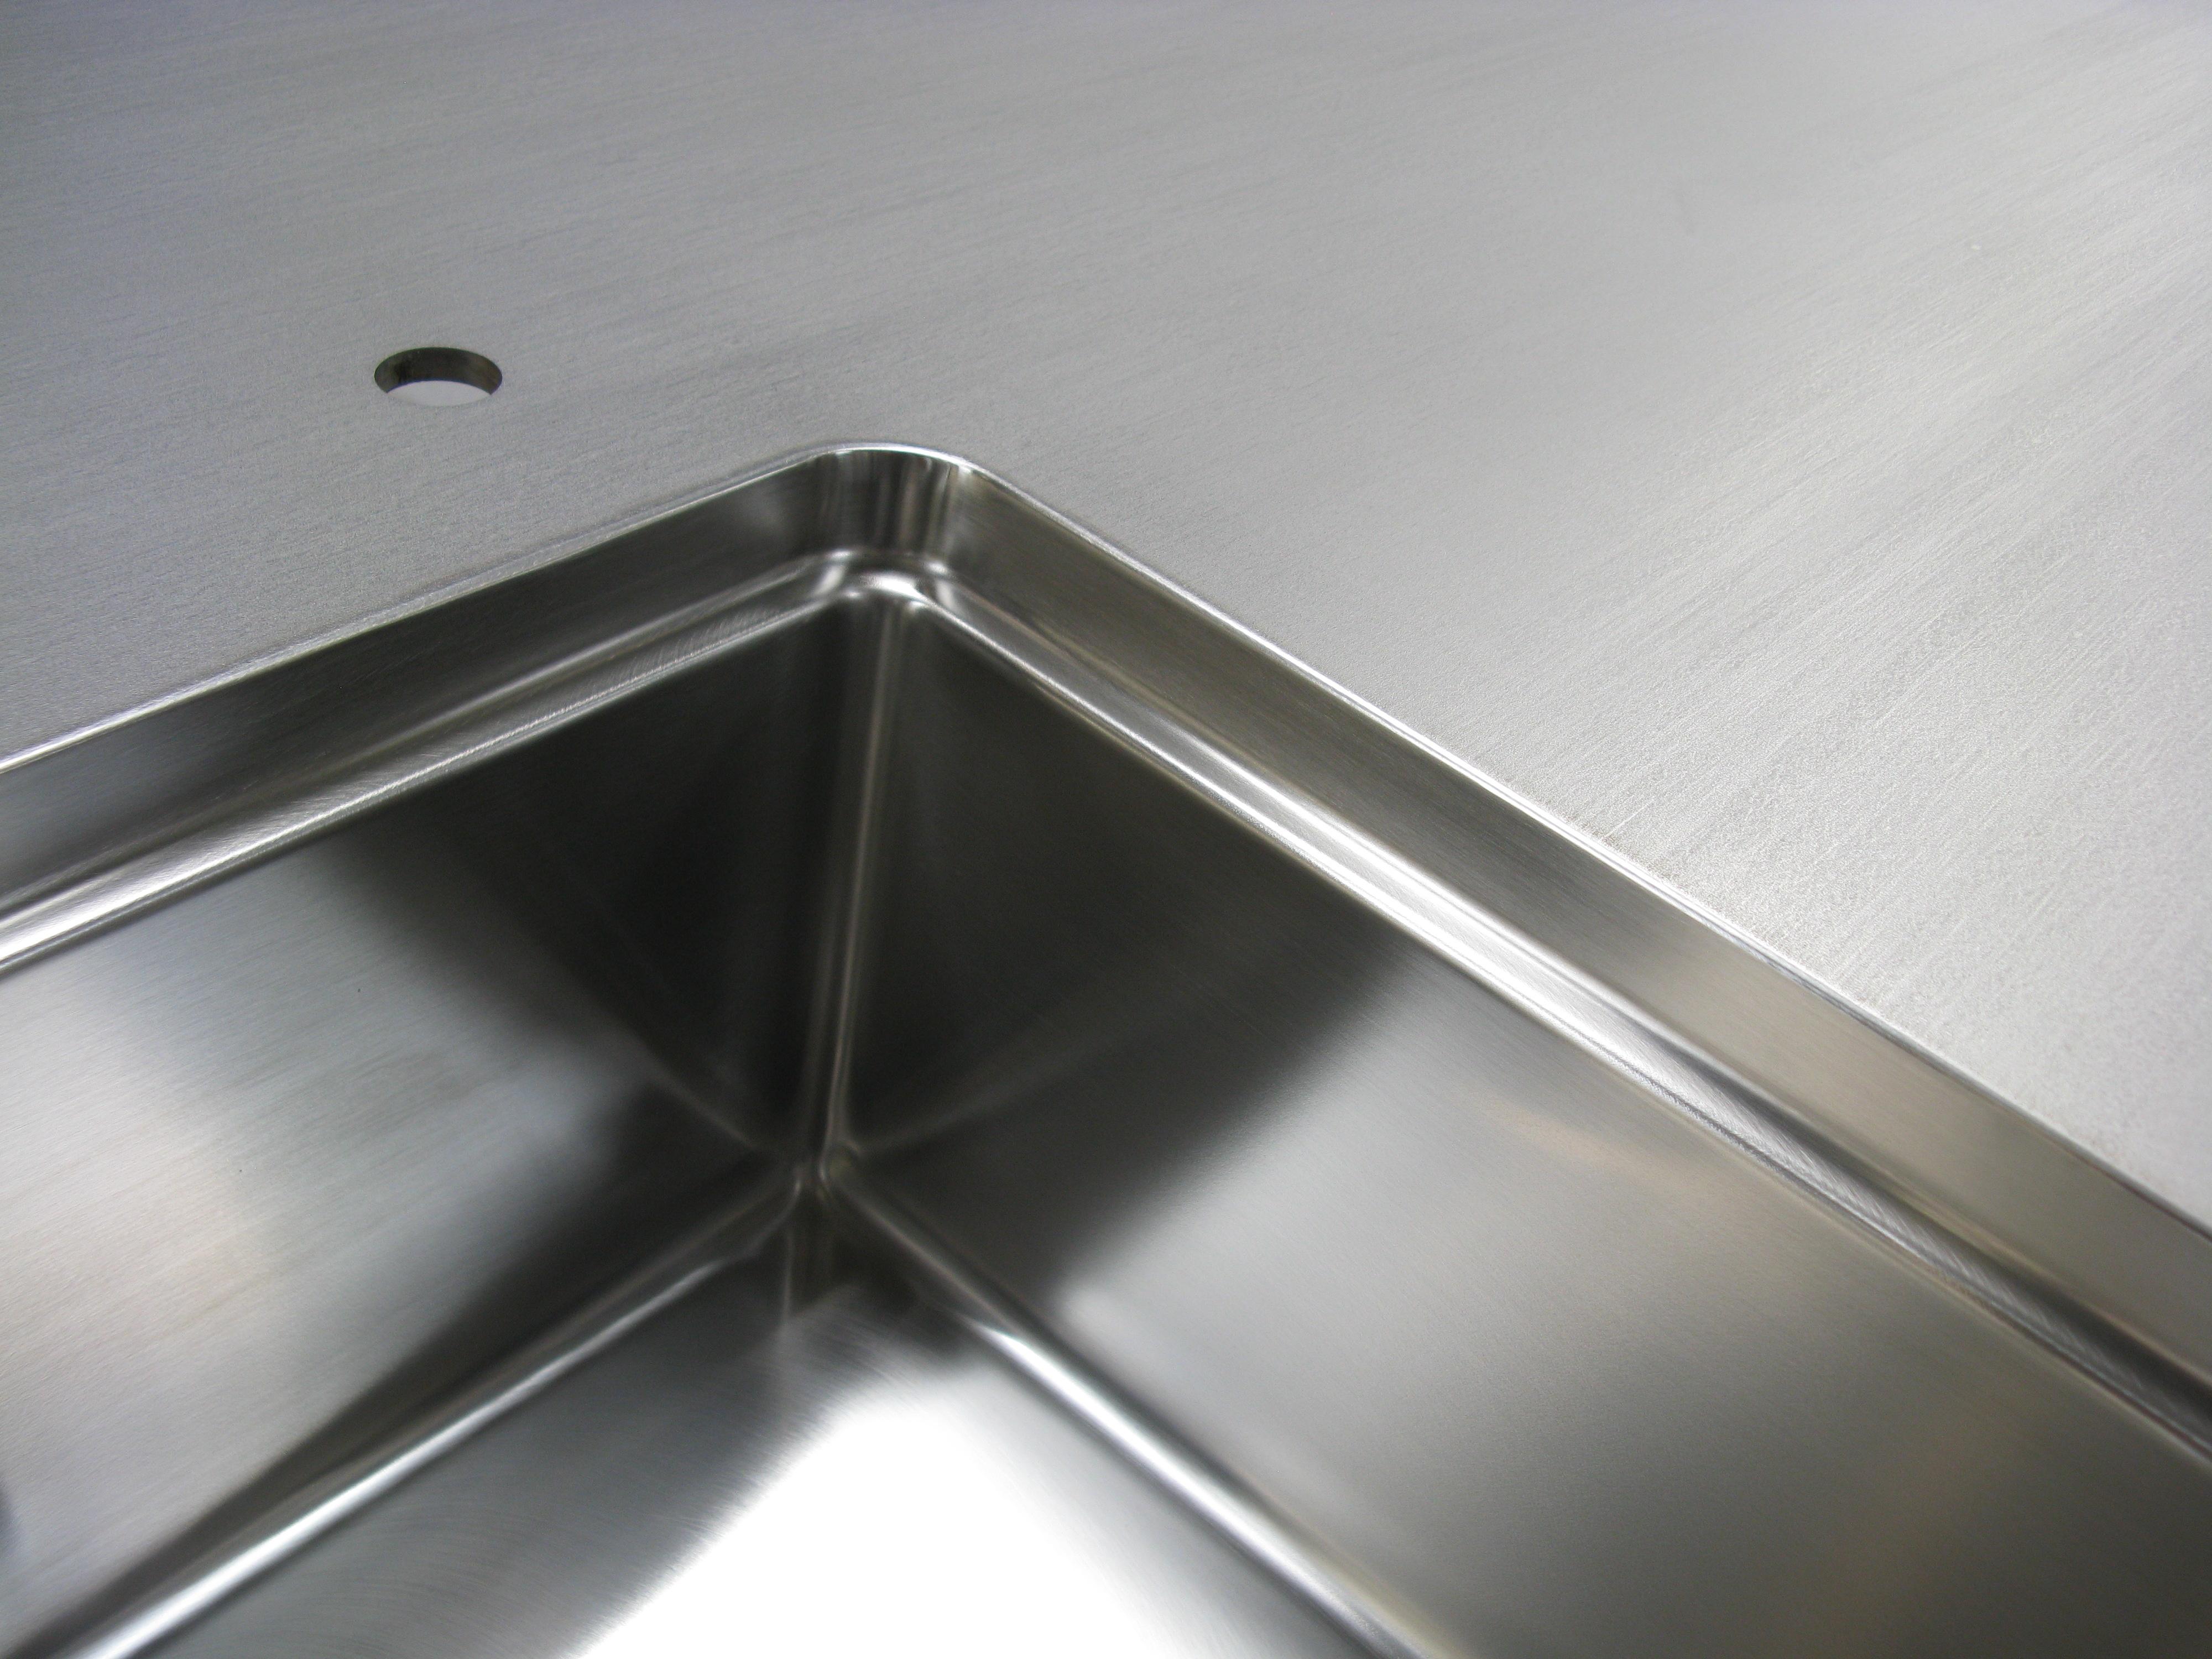 datei:küchenarbeitsplatte warmgewalzt – wikipedia